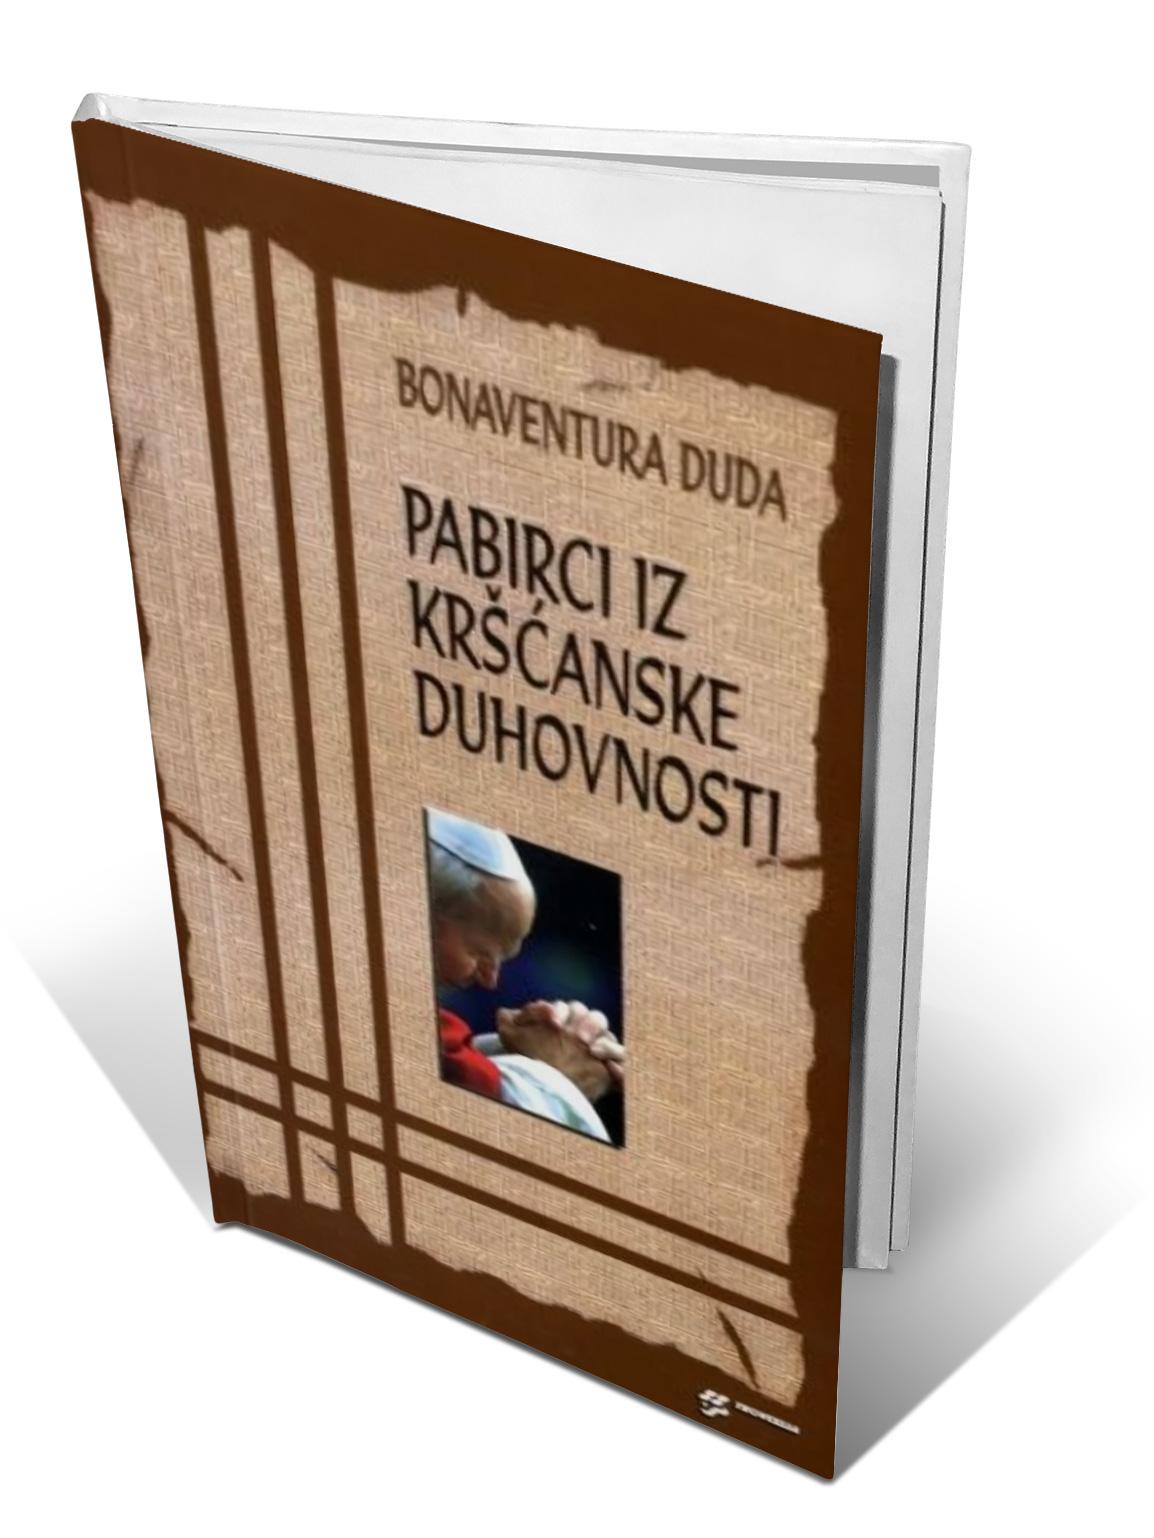 PABIRCI IZ KRŠĆANSKE DUHOVNOSTI - fra Bonaventura Duda